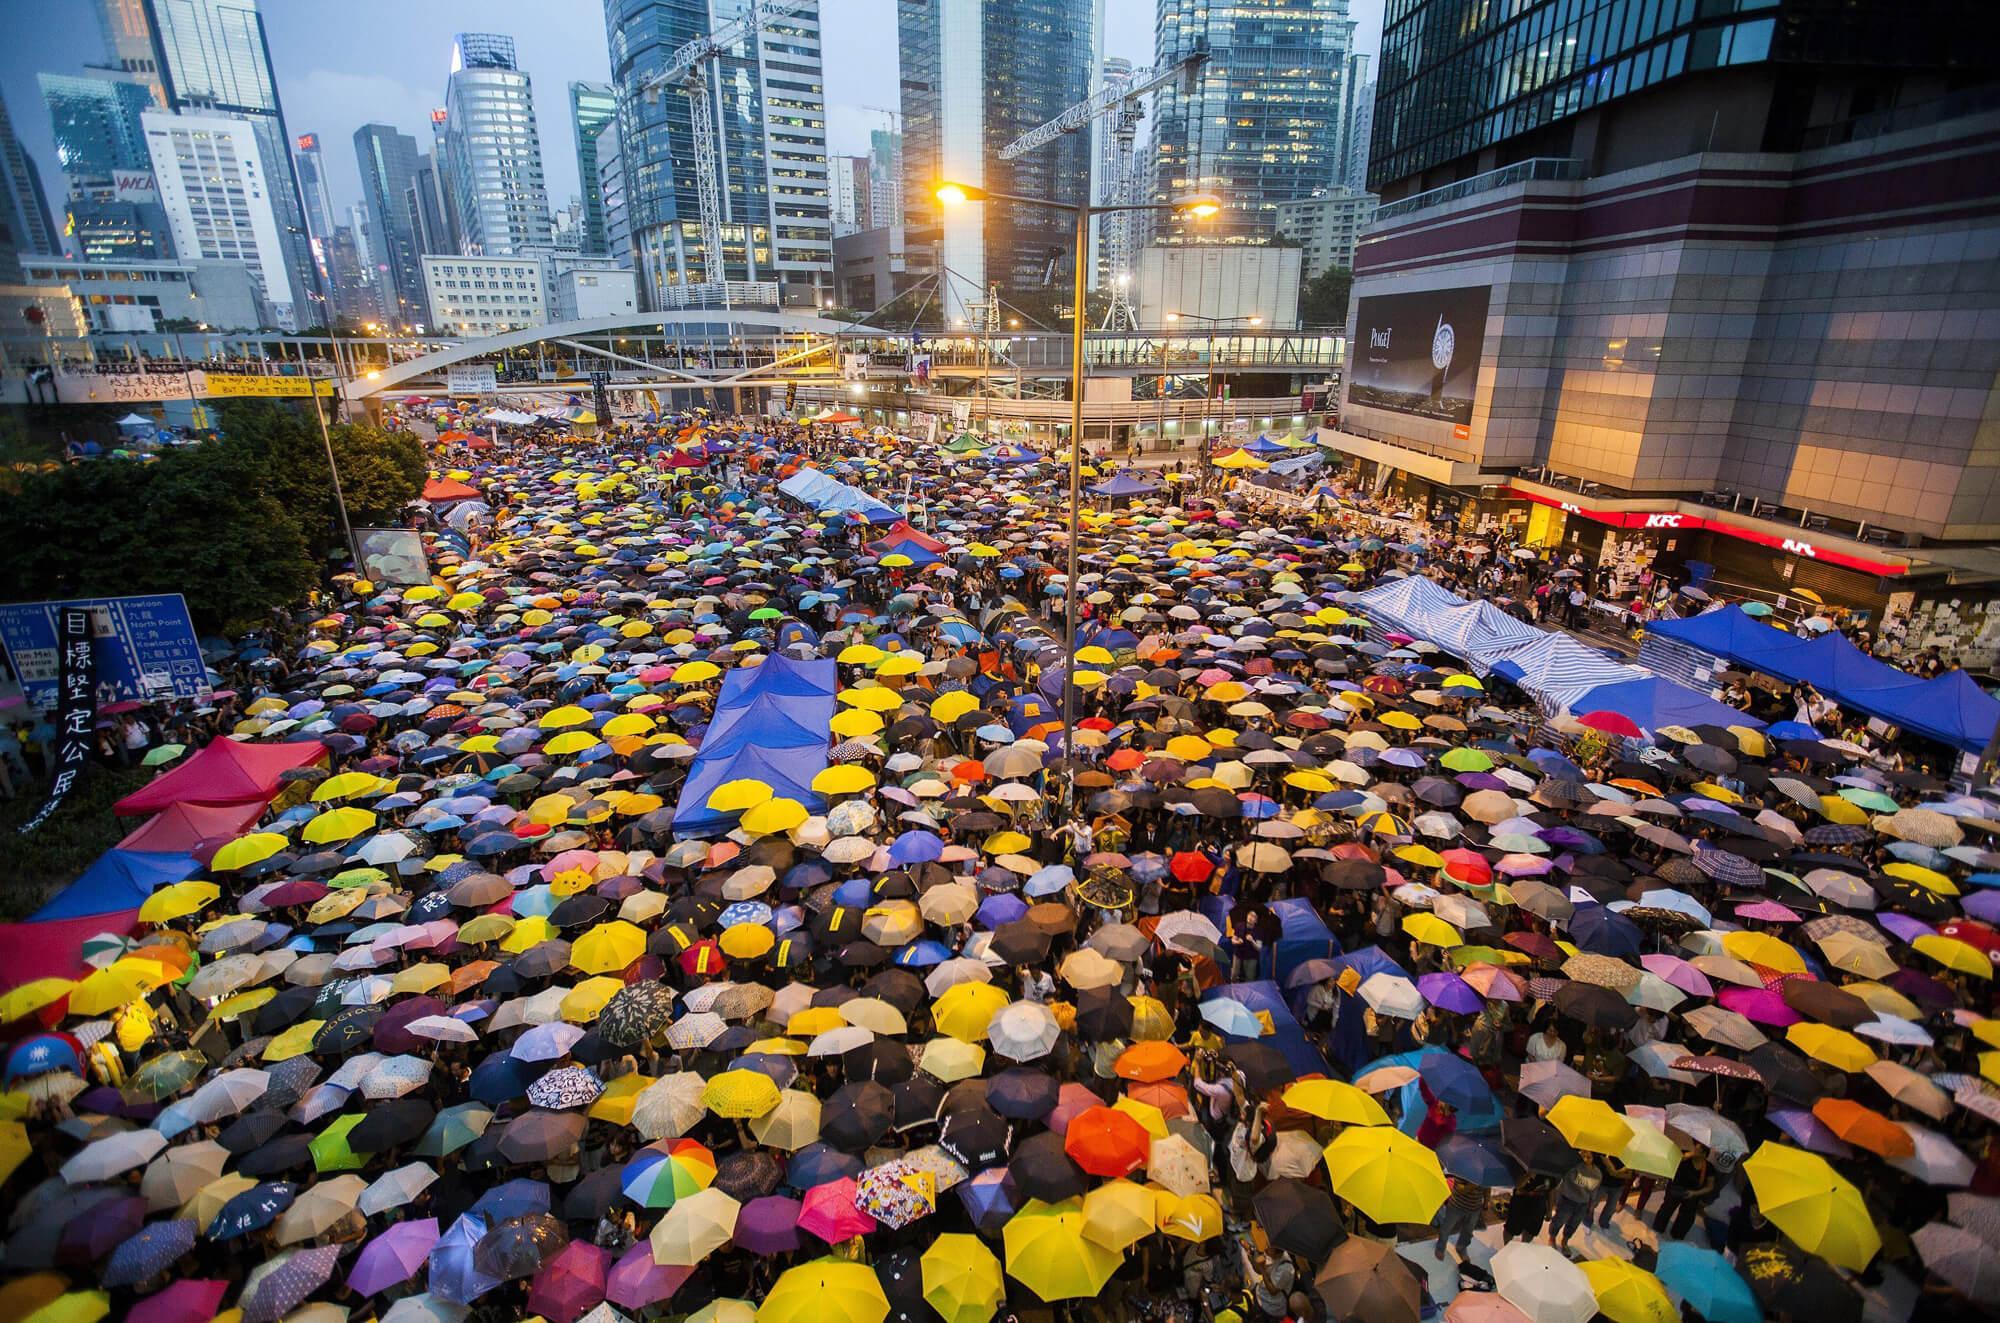 Φθηνές πτήσεις από Χονγκ Κονγκ